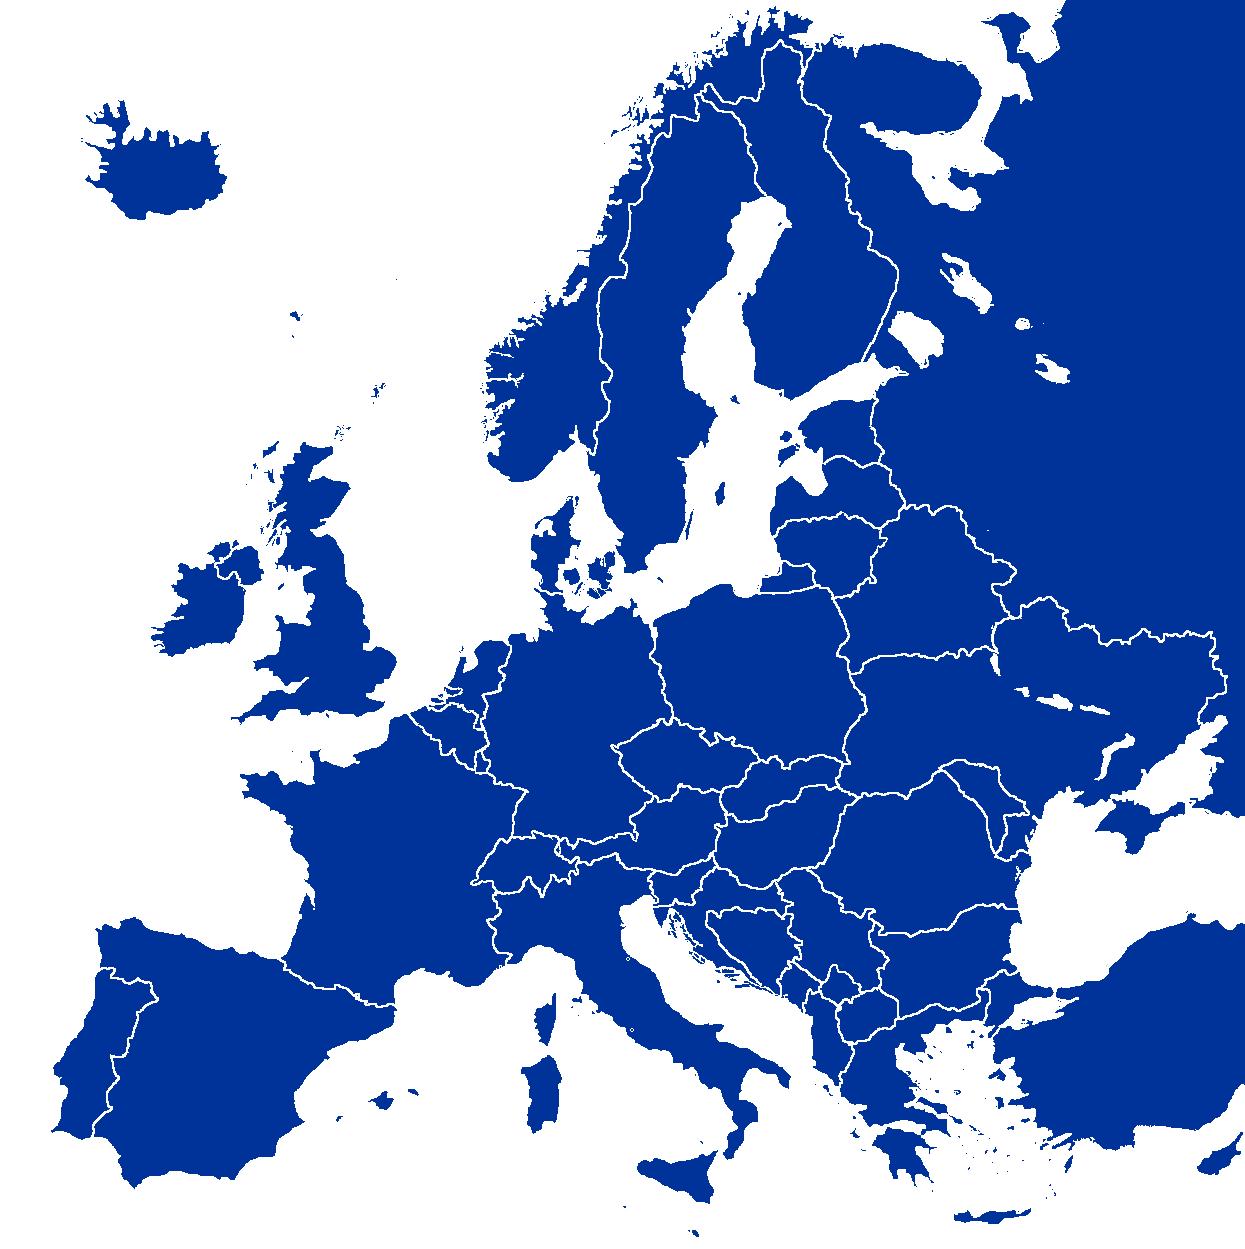 evropa slepa mapa